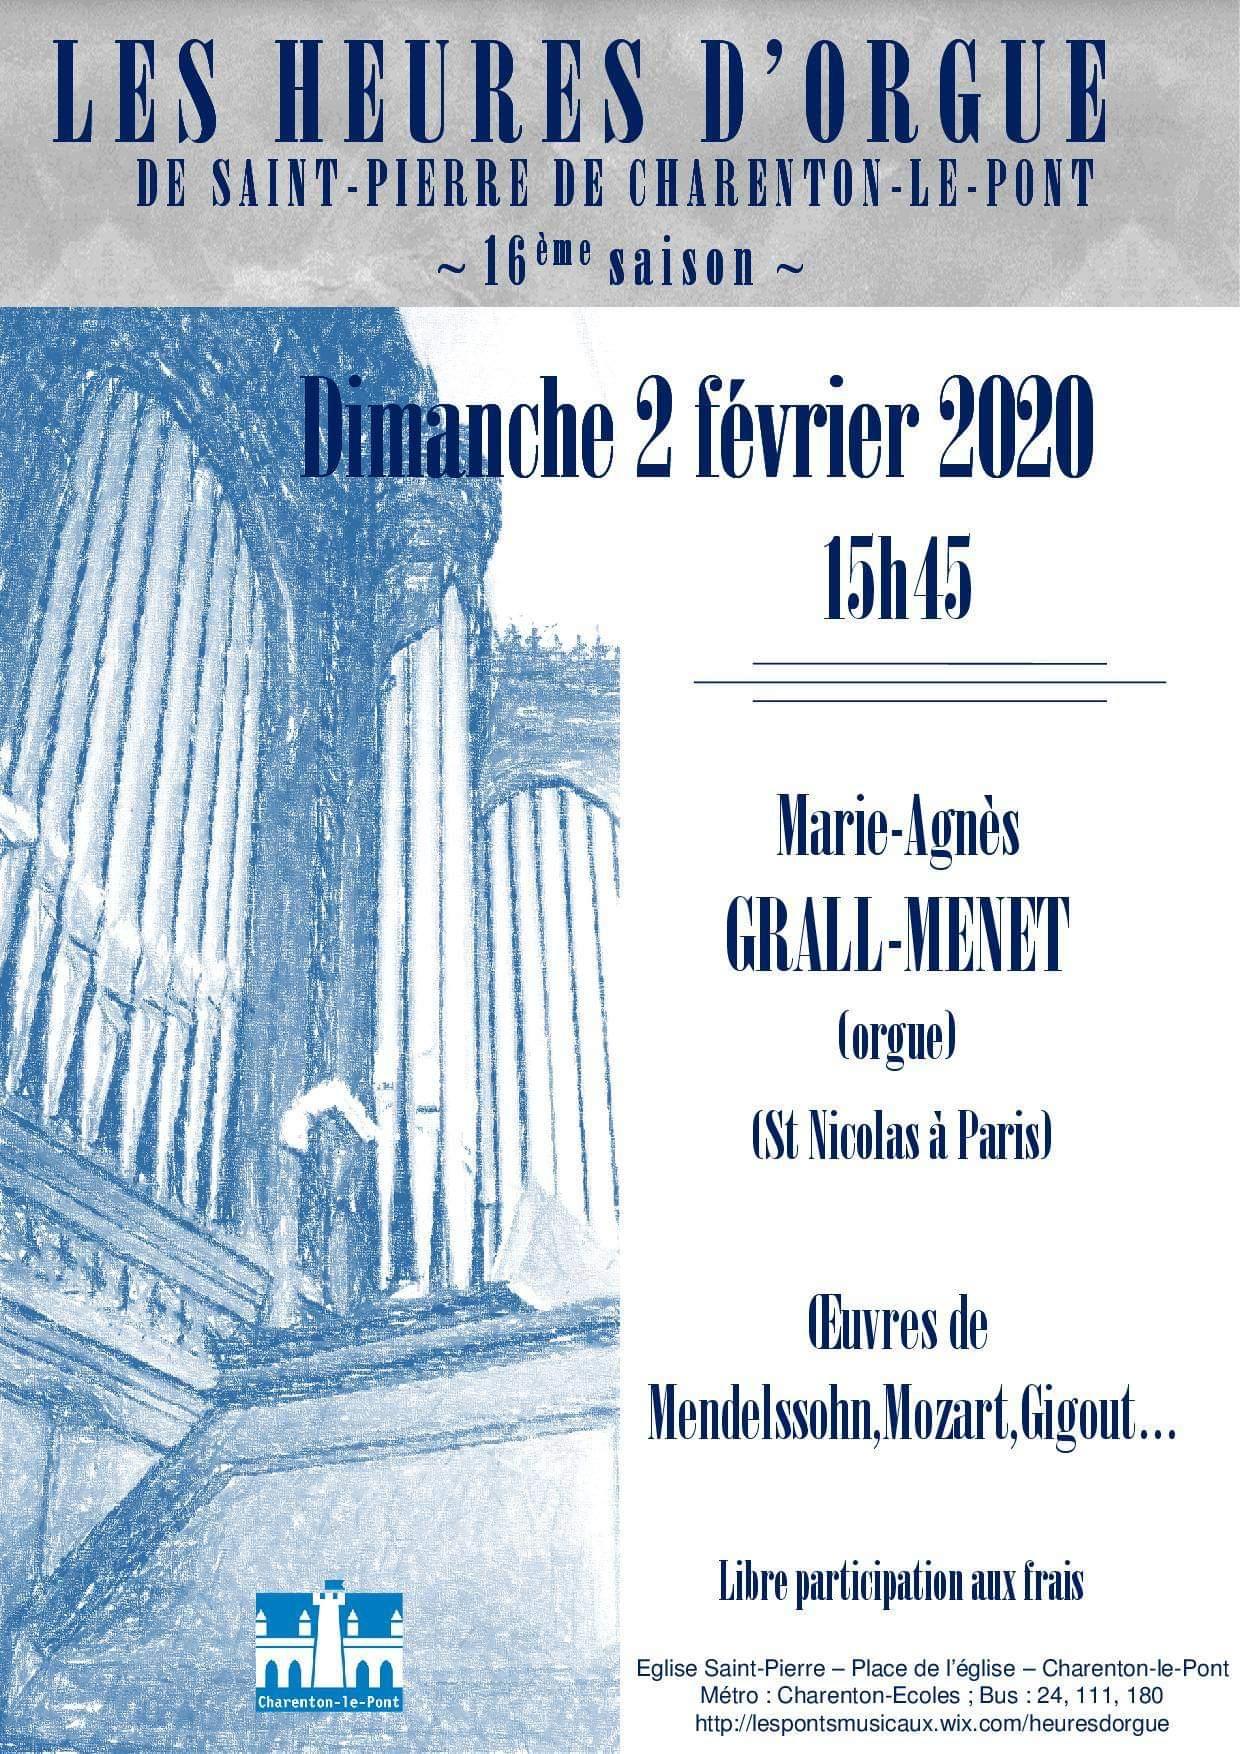 Prochaines heures d'orgue : dimanche 2 février à 15h45